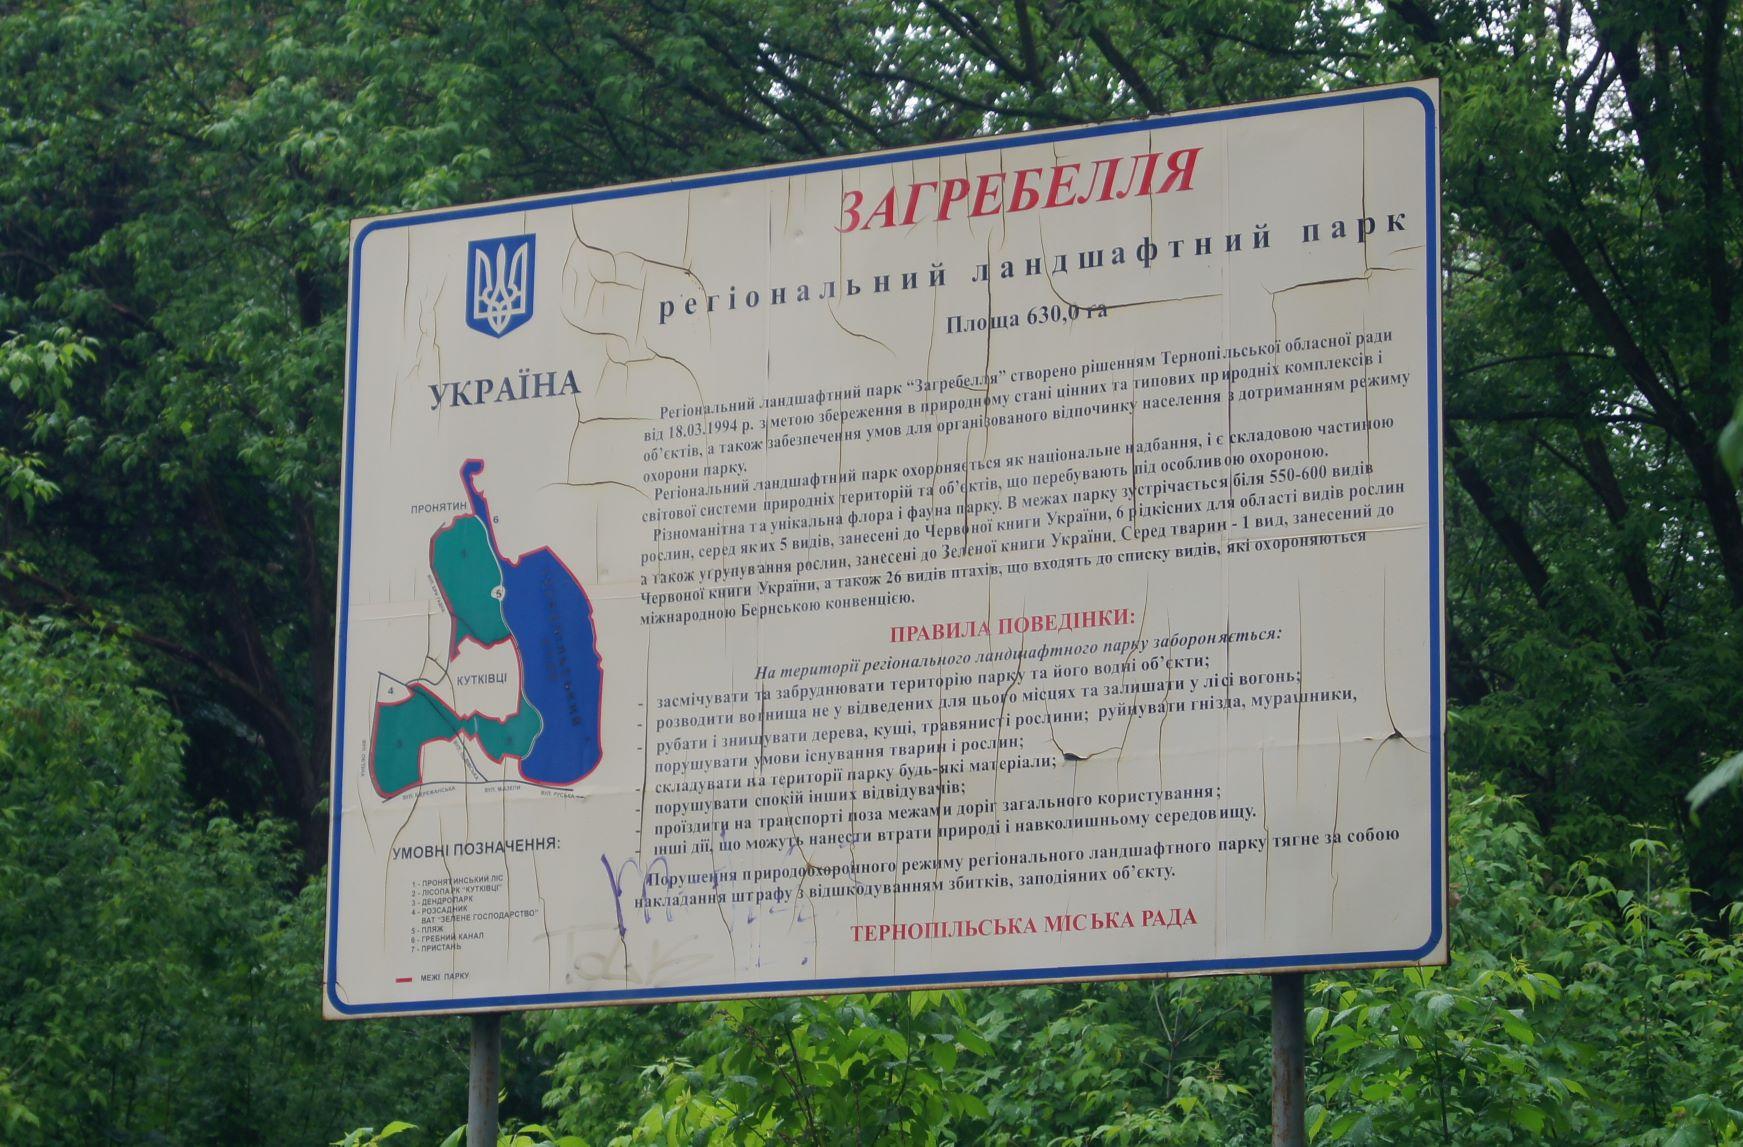 Забудова парку Загребелля. Частина друга: лист заступниці міського голови і 25 га під готелі